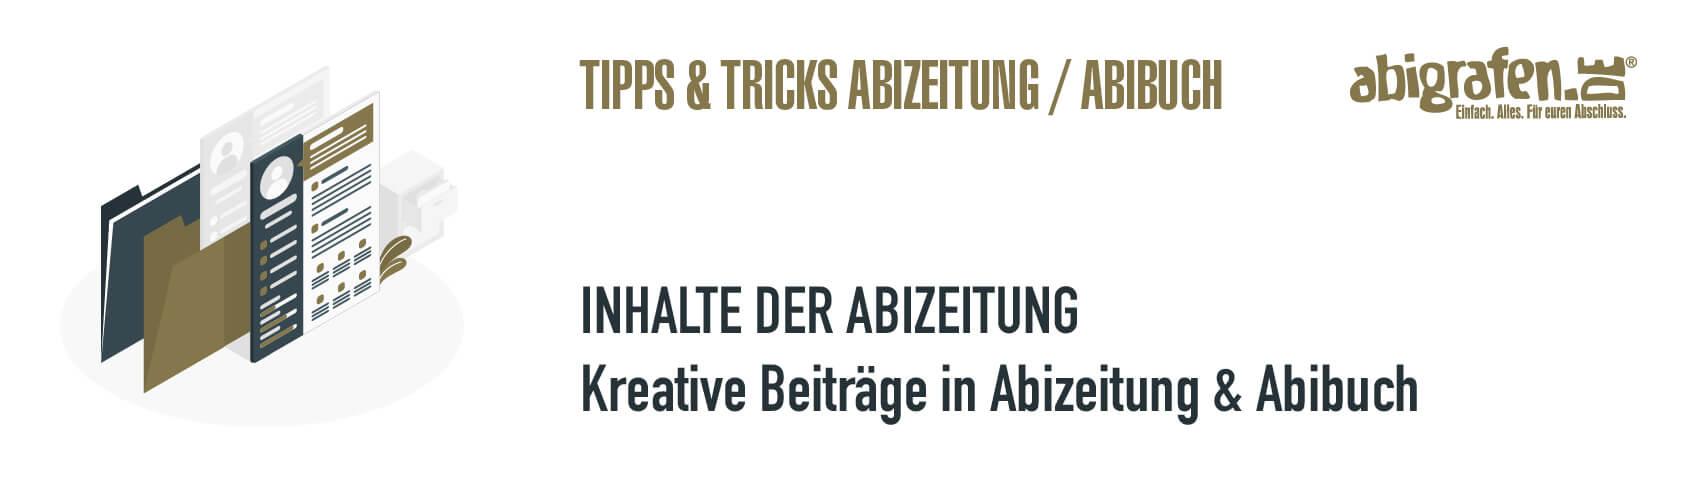 abigrafen-abizeitung-tipps-und-tricks-inhalte-kreative-beitraege